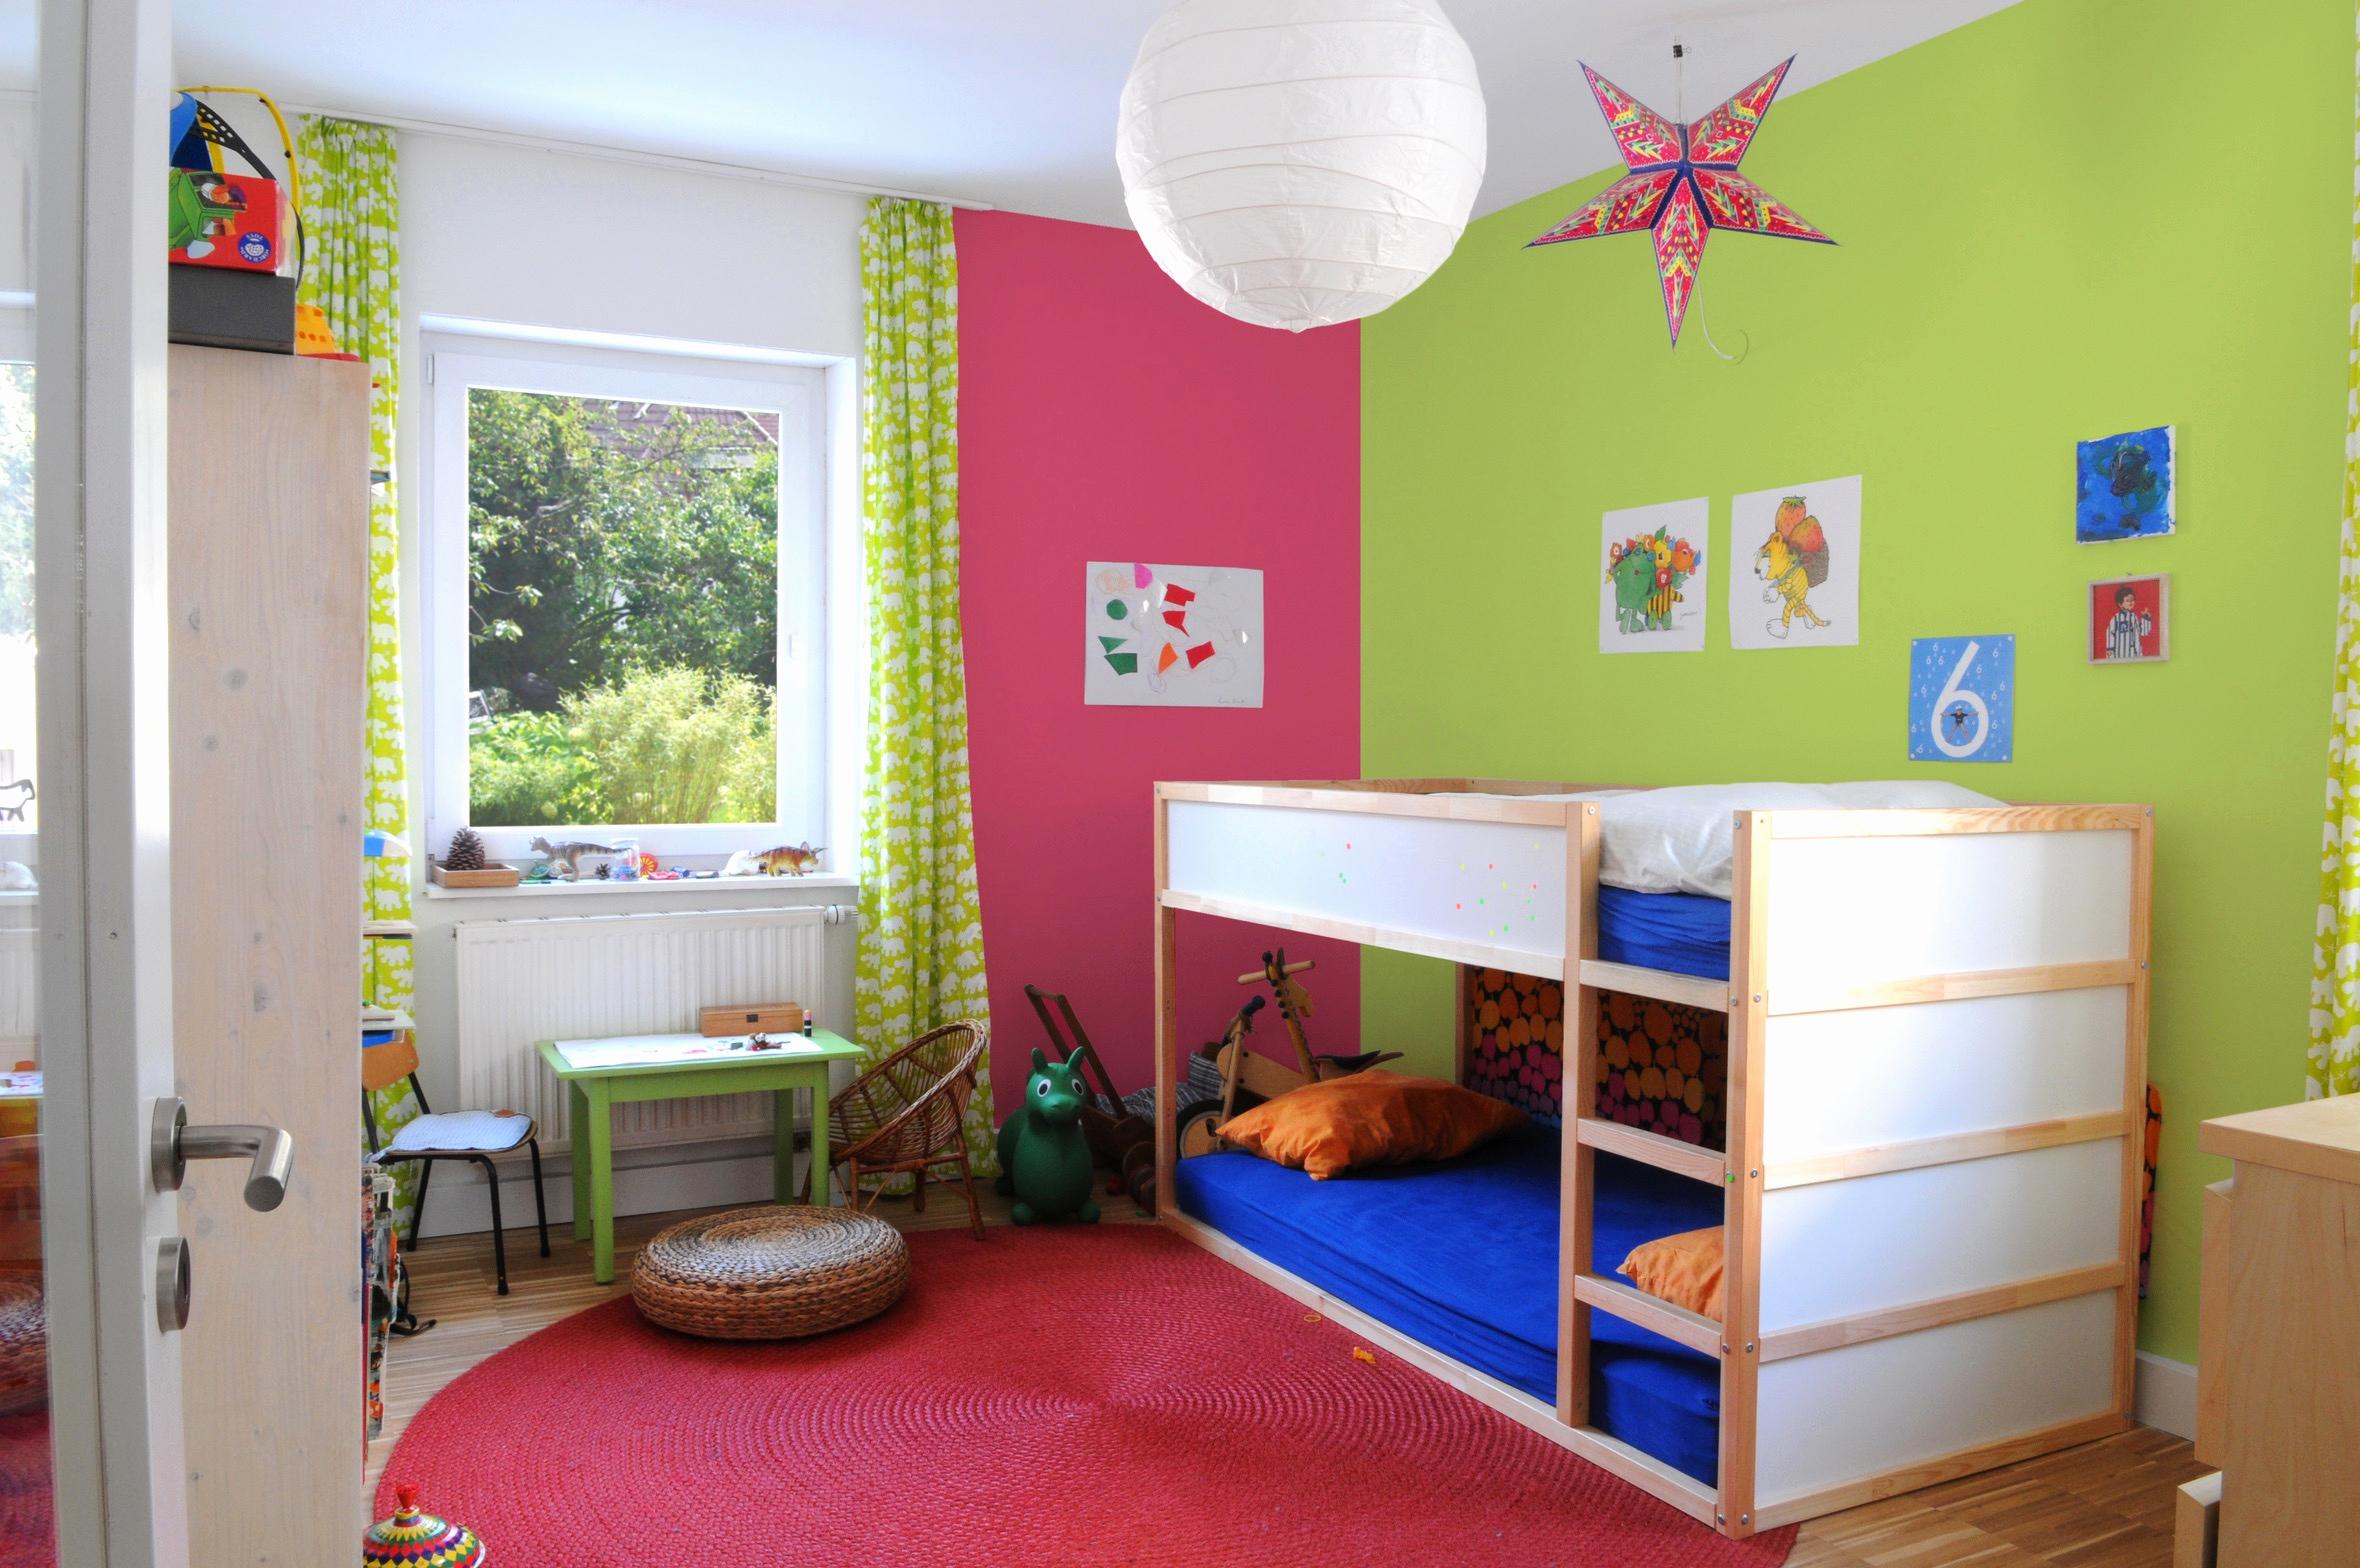 Full Size of 12 Qm Kinderzimmer Einrichten Regale Regal Badezimmer Kleine Küche Sofa Weiß Kinderzimmer Kinderzimmer Einrichten Junge